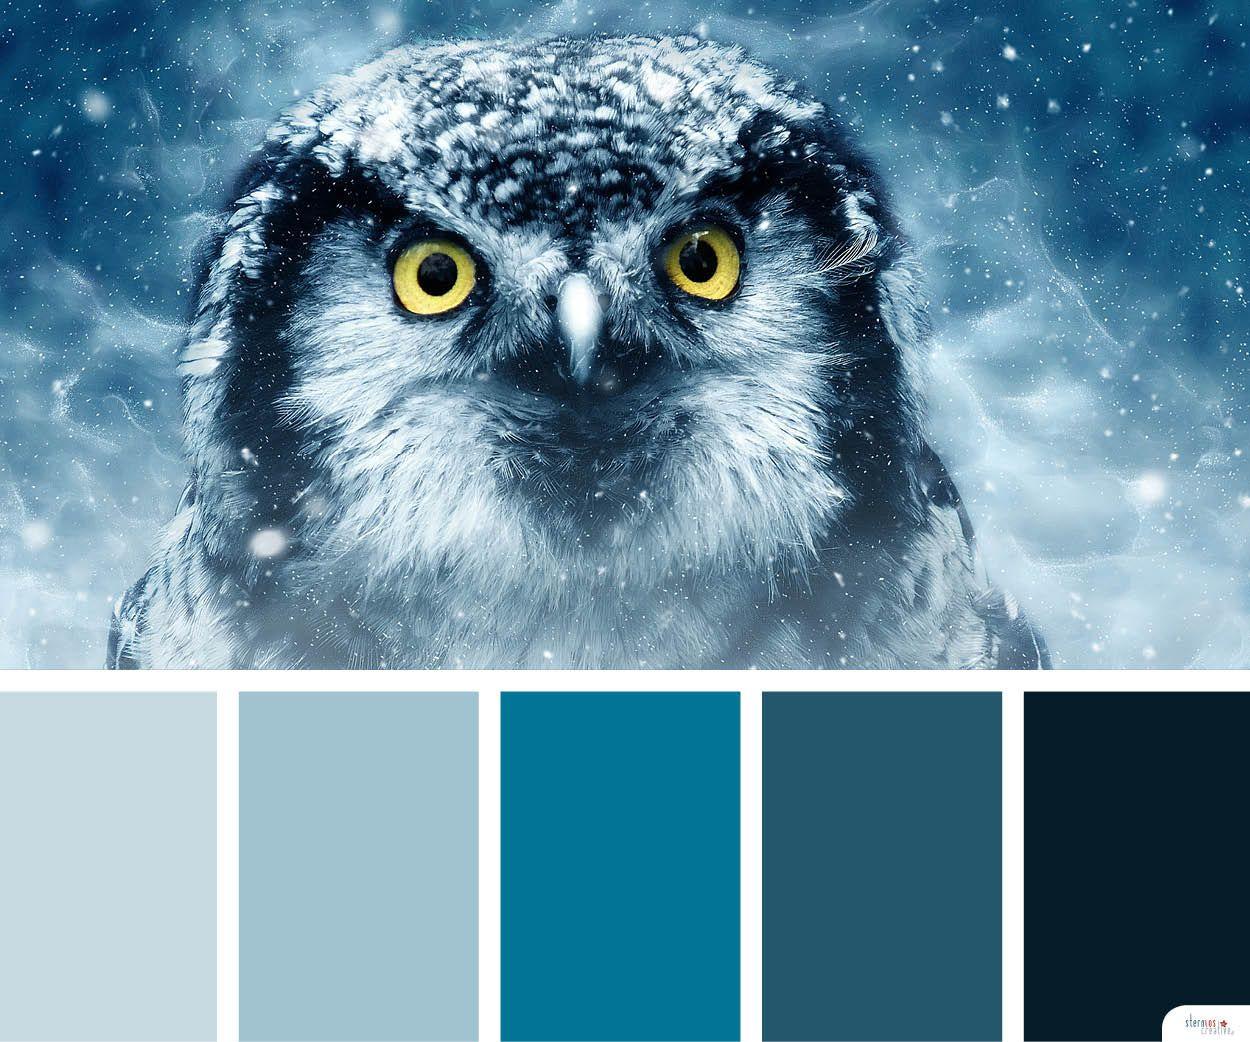 Farbkombinationen Blau Grau: Von Harry Potter Inspiriert Ist Meine Heutige